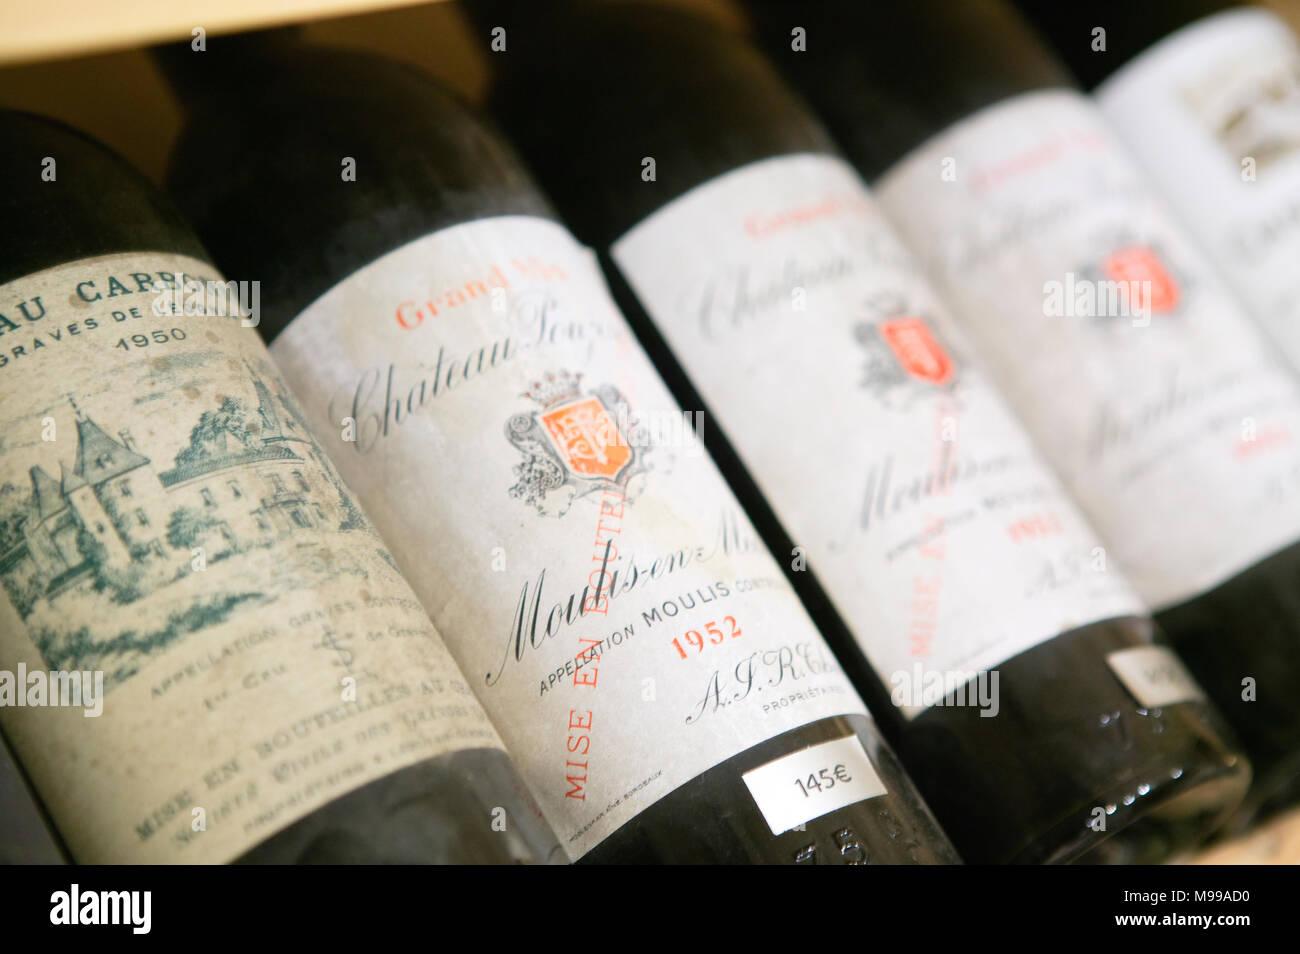 Vins de Prestige Rue Gaudet St Emilion Gironde Nouvelle-Aquitaine France - Stock Image